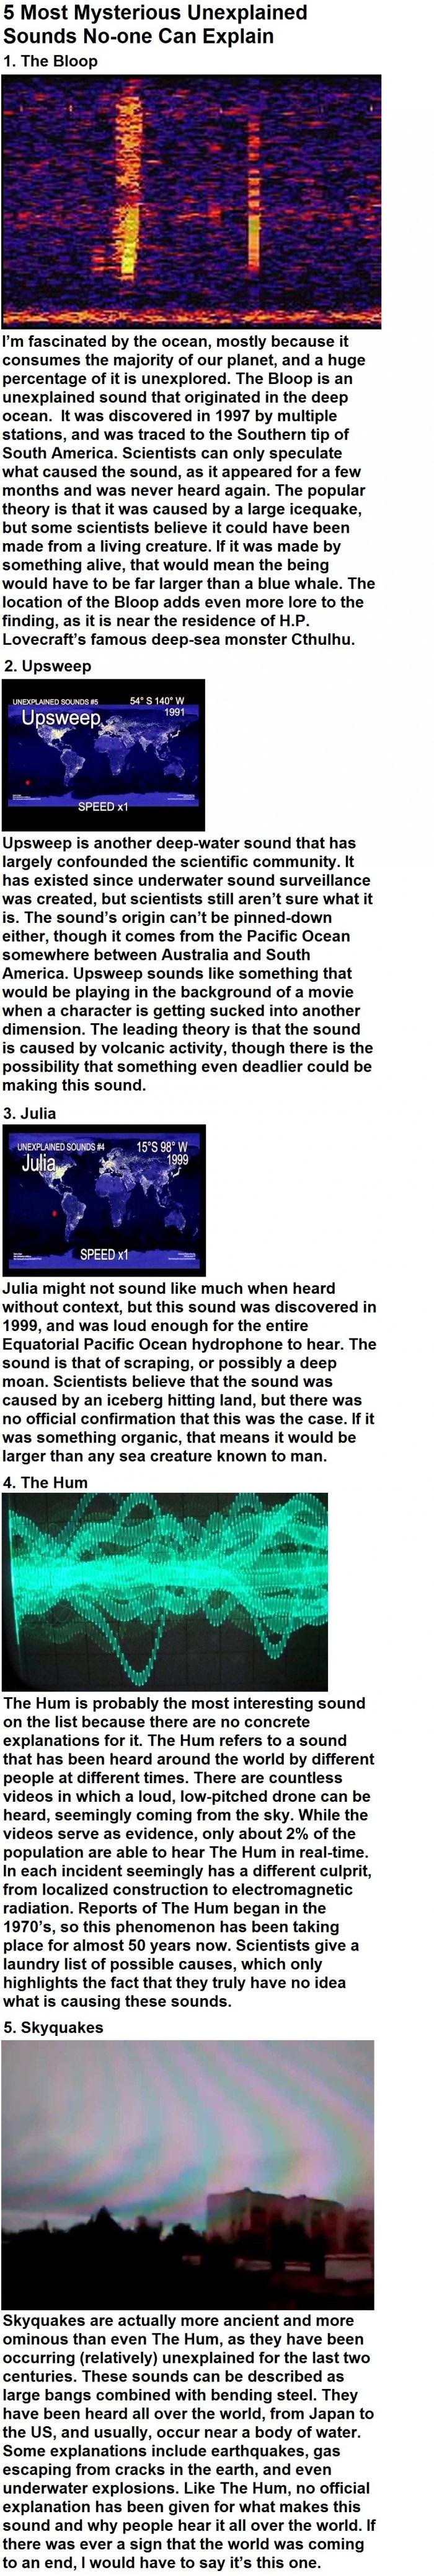 Mysterious unexplained sounds